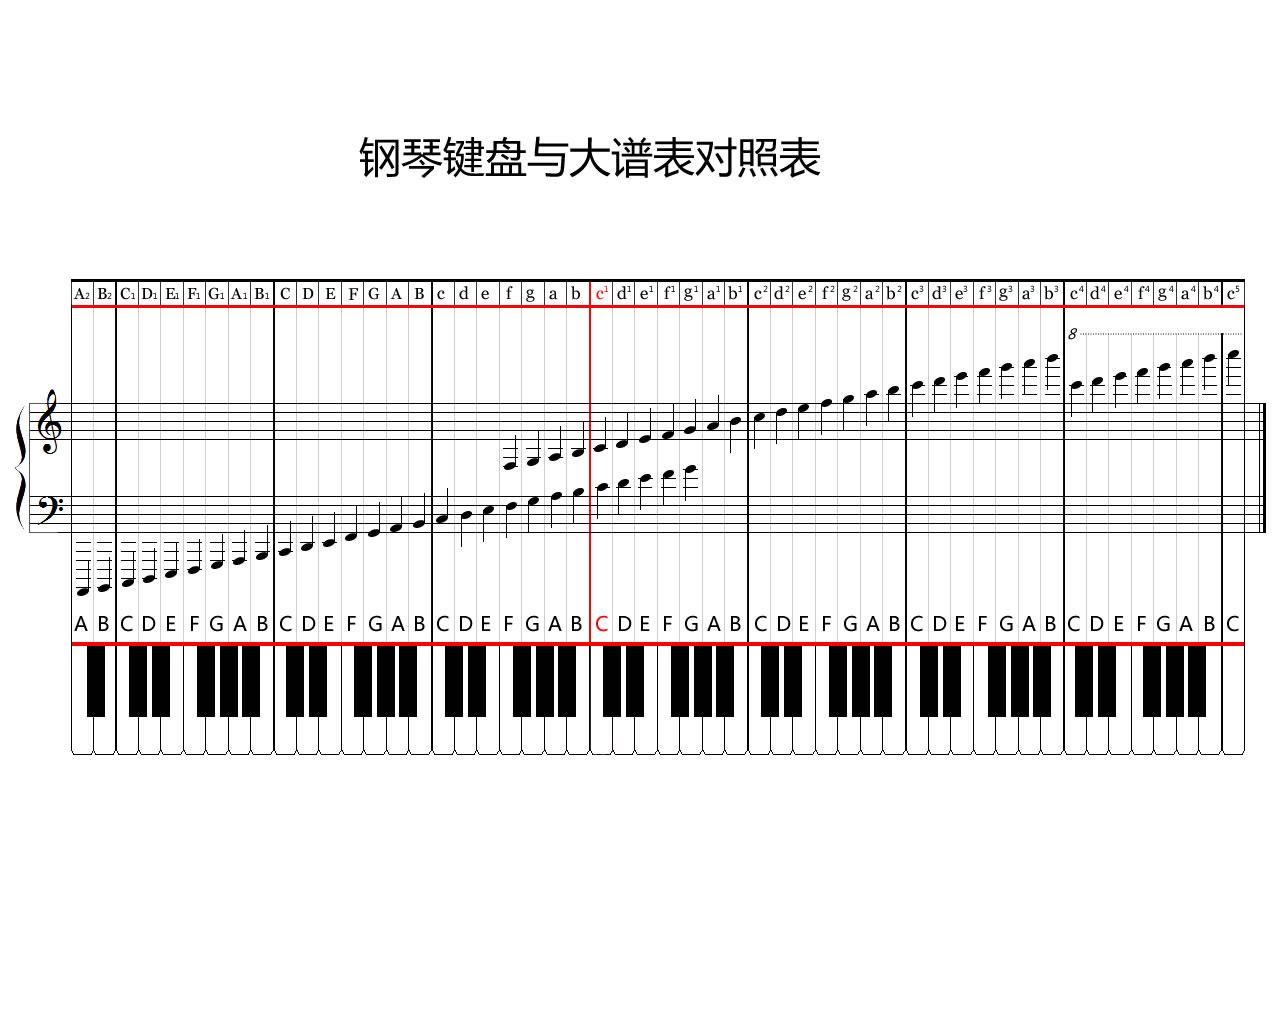 有谁知道在什么网站能找到大谱表与钢琴键盘对照表.图片